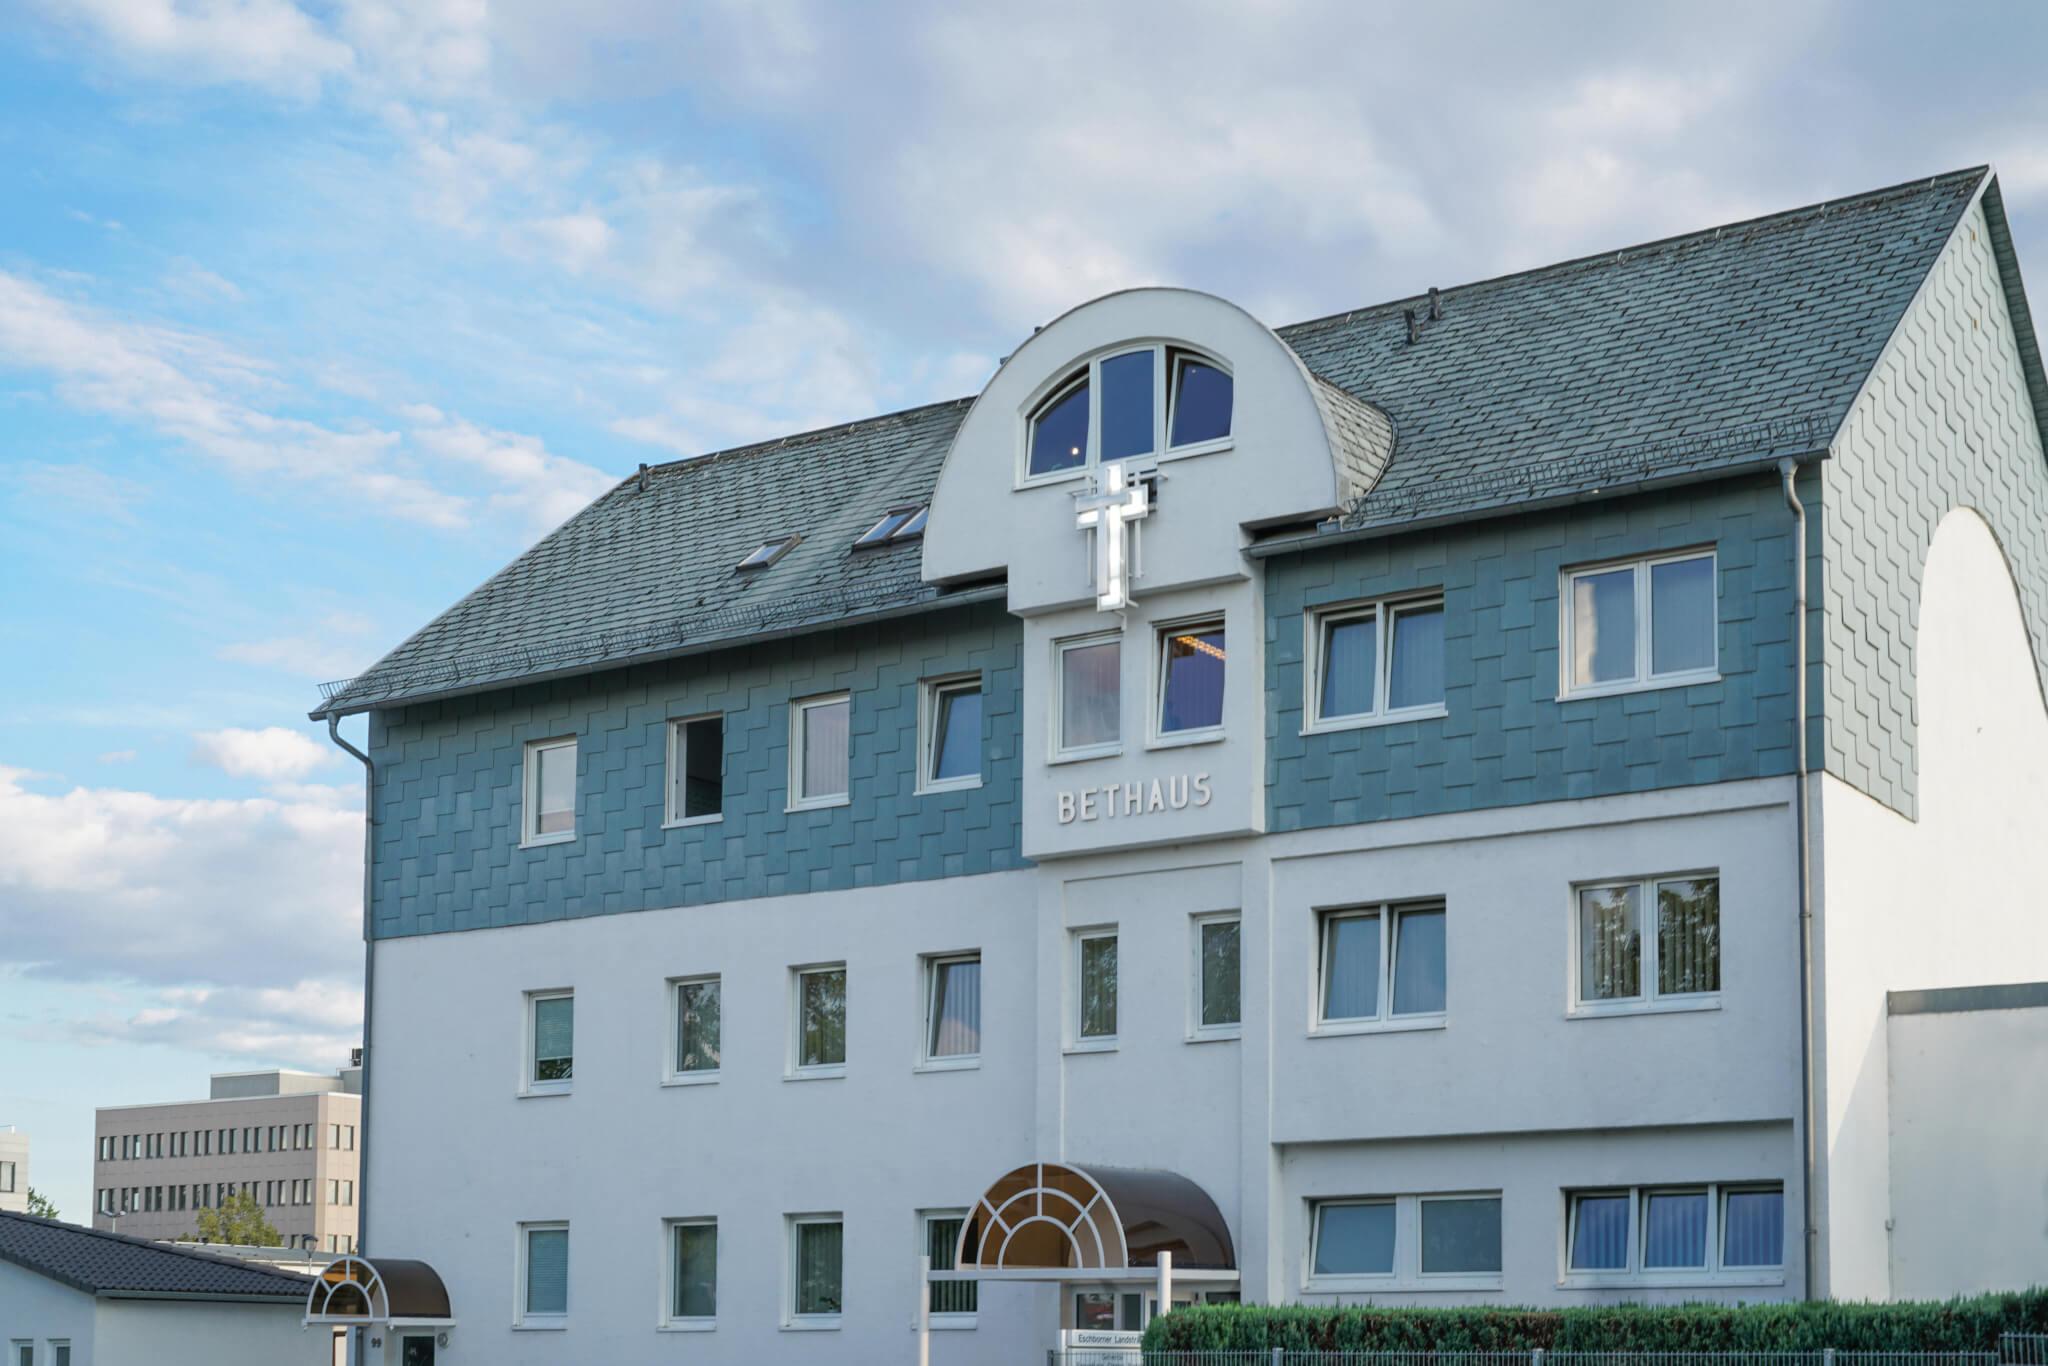 Christen-baptisten darmstadt evangeliums gemeinde Frankfurt: 180